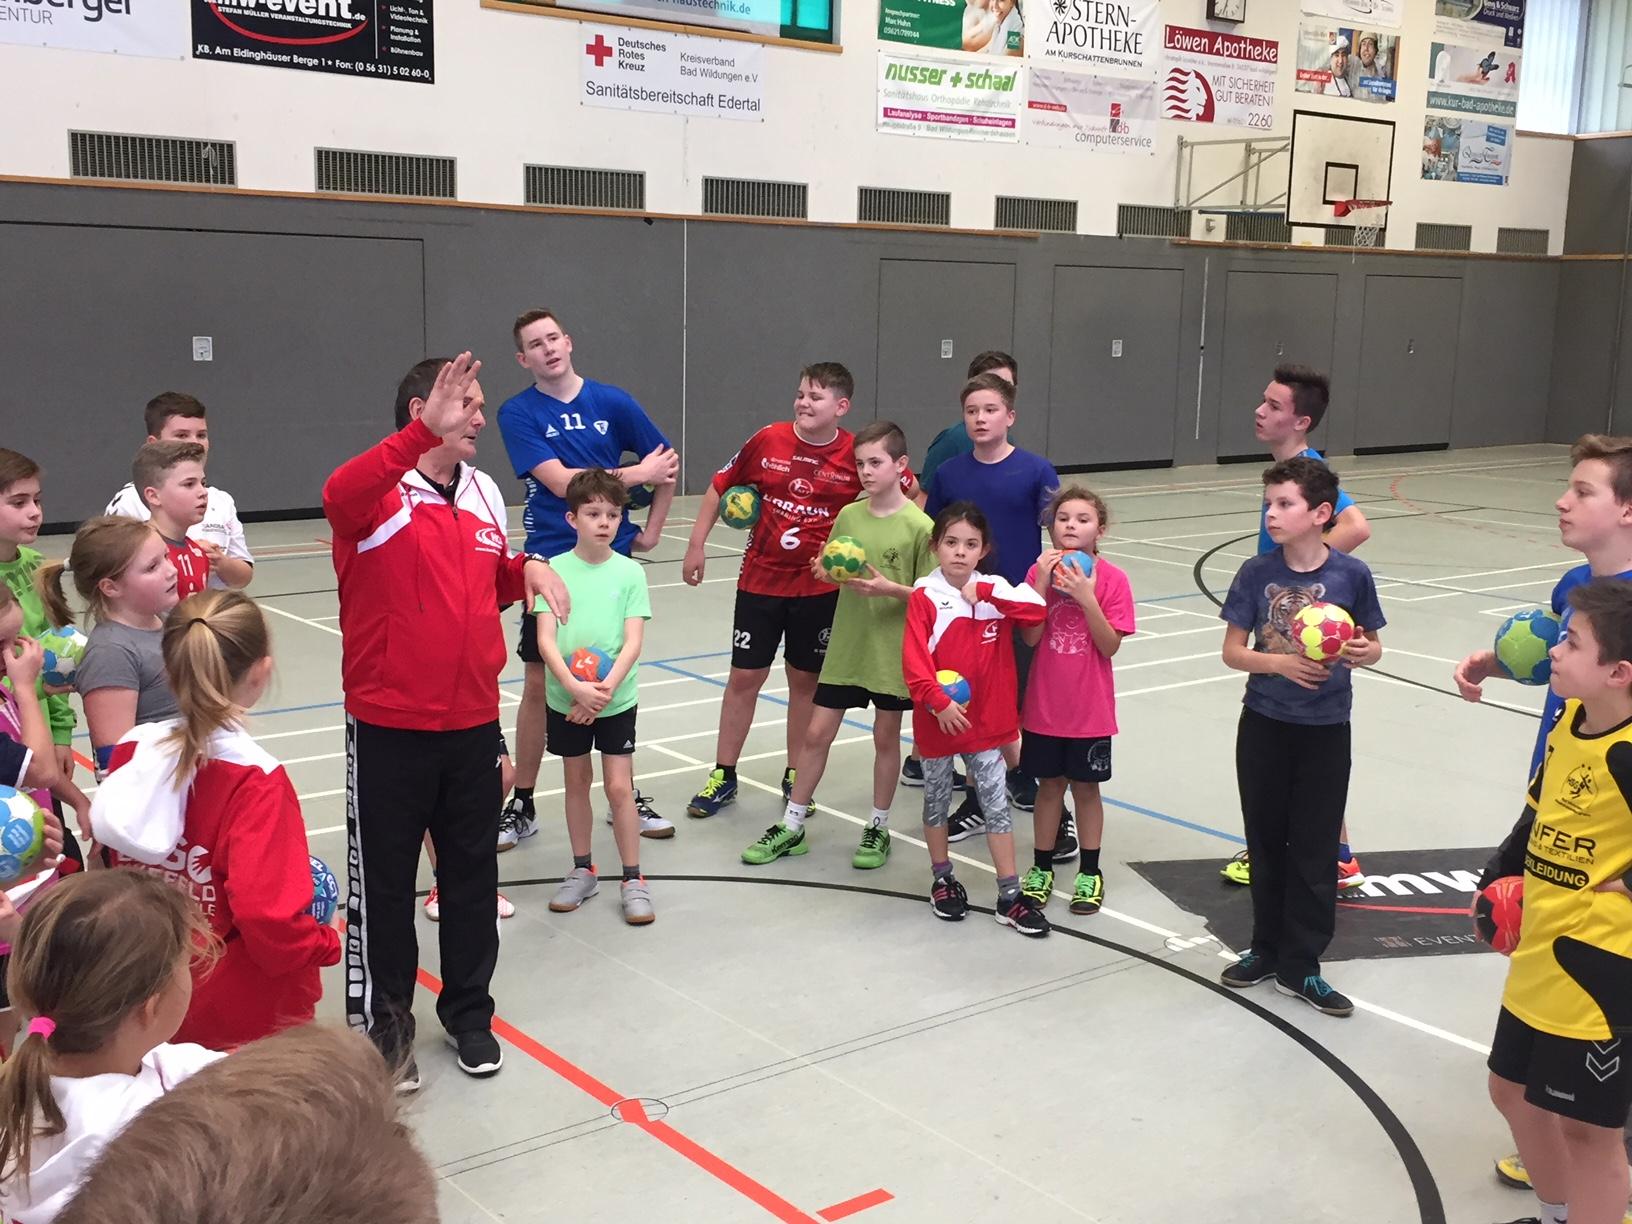 Handballcamp mit Dago Leukefeld war ein voller Erfolg | HSG